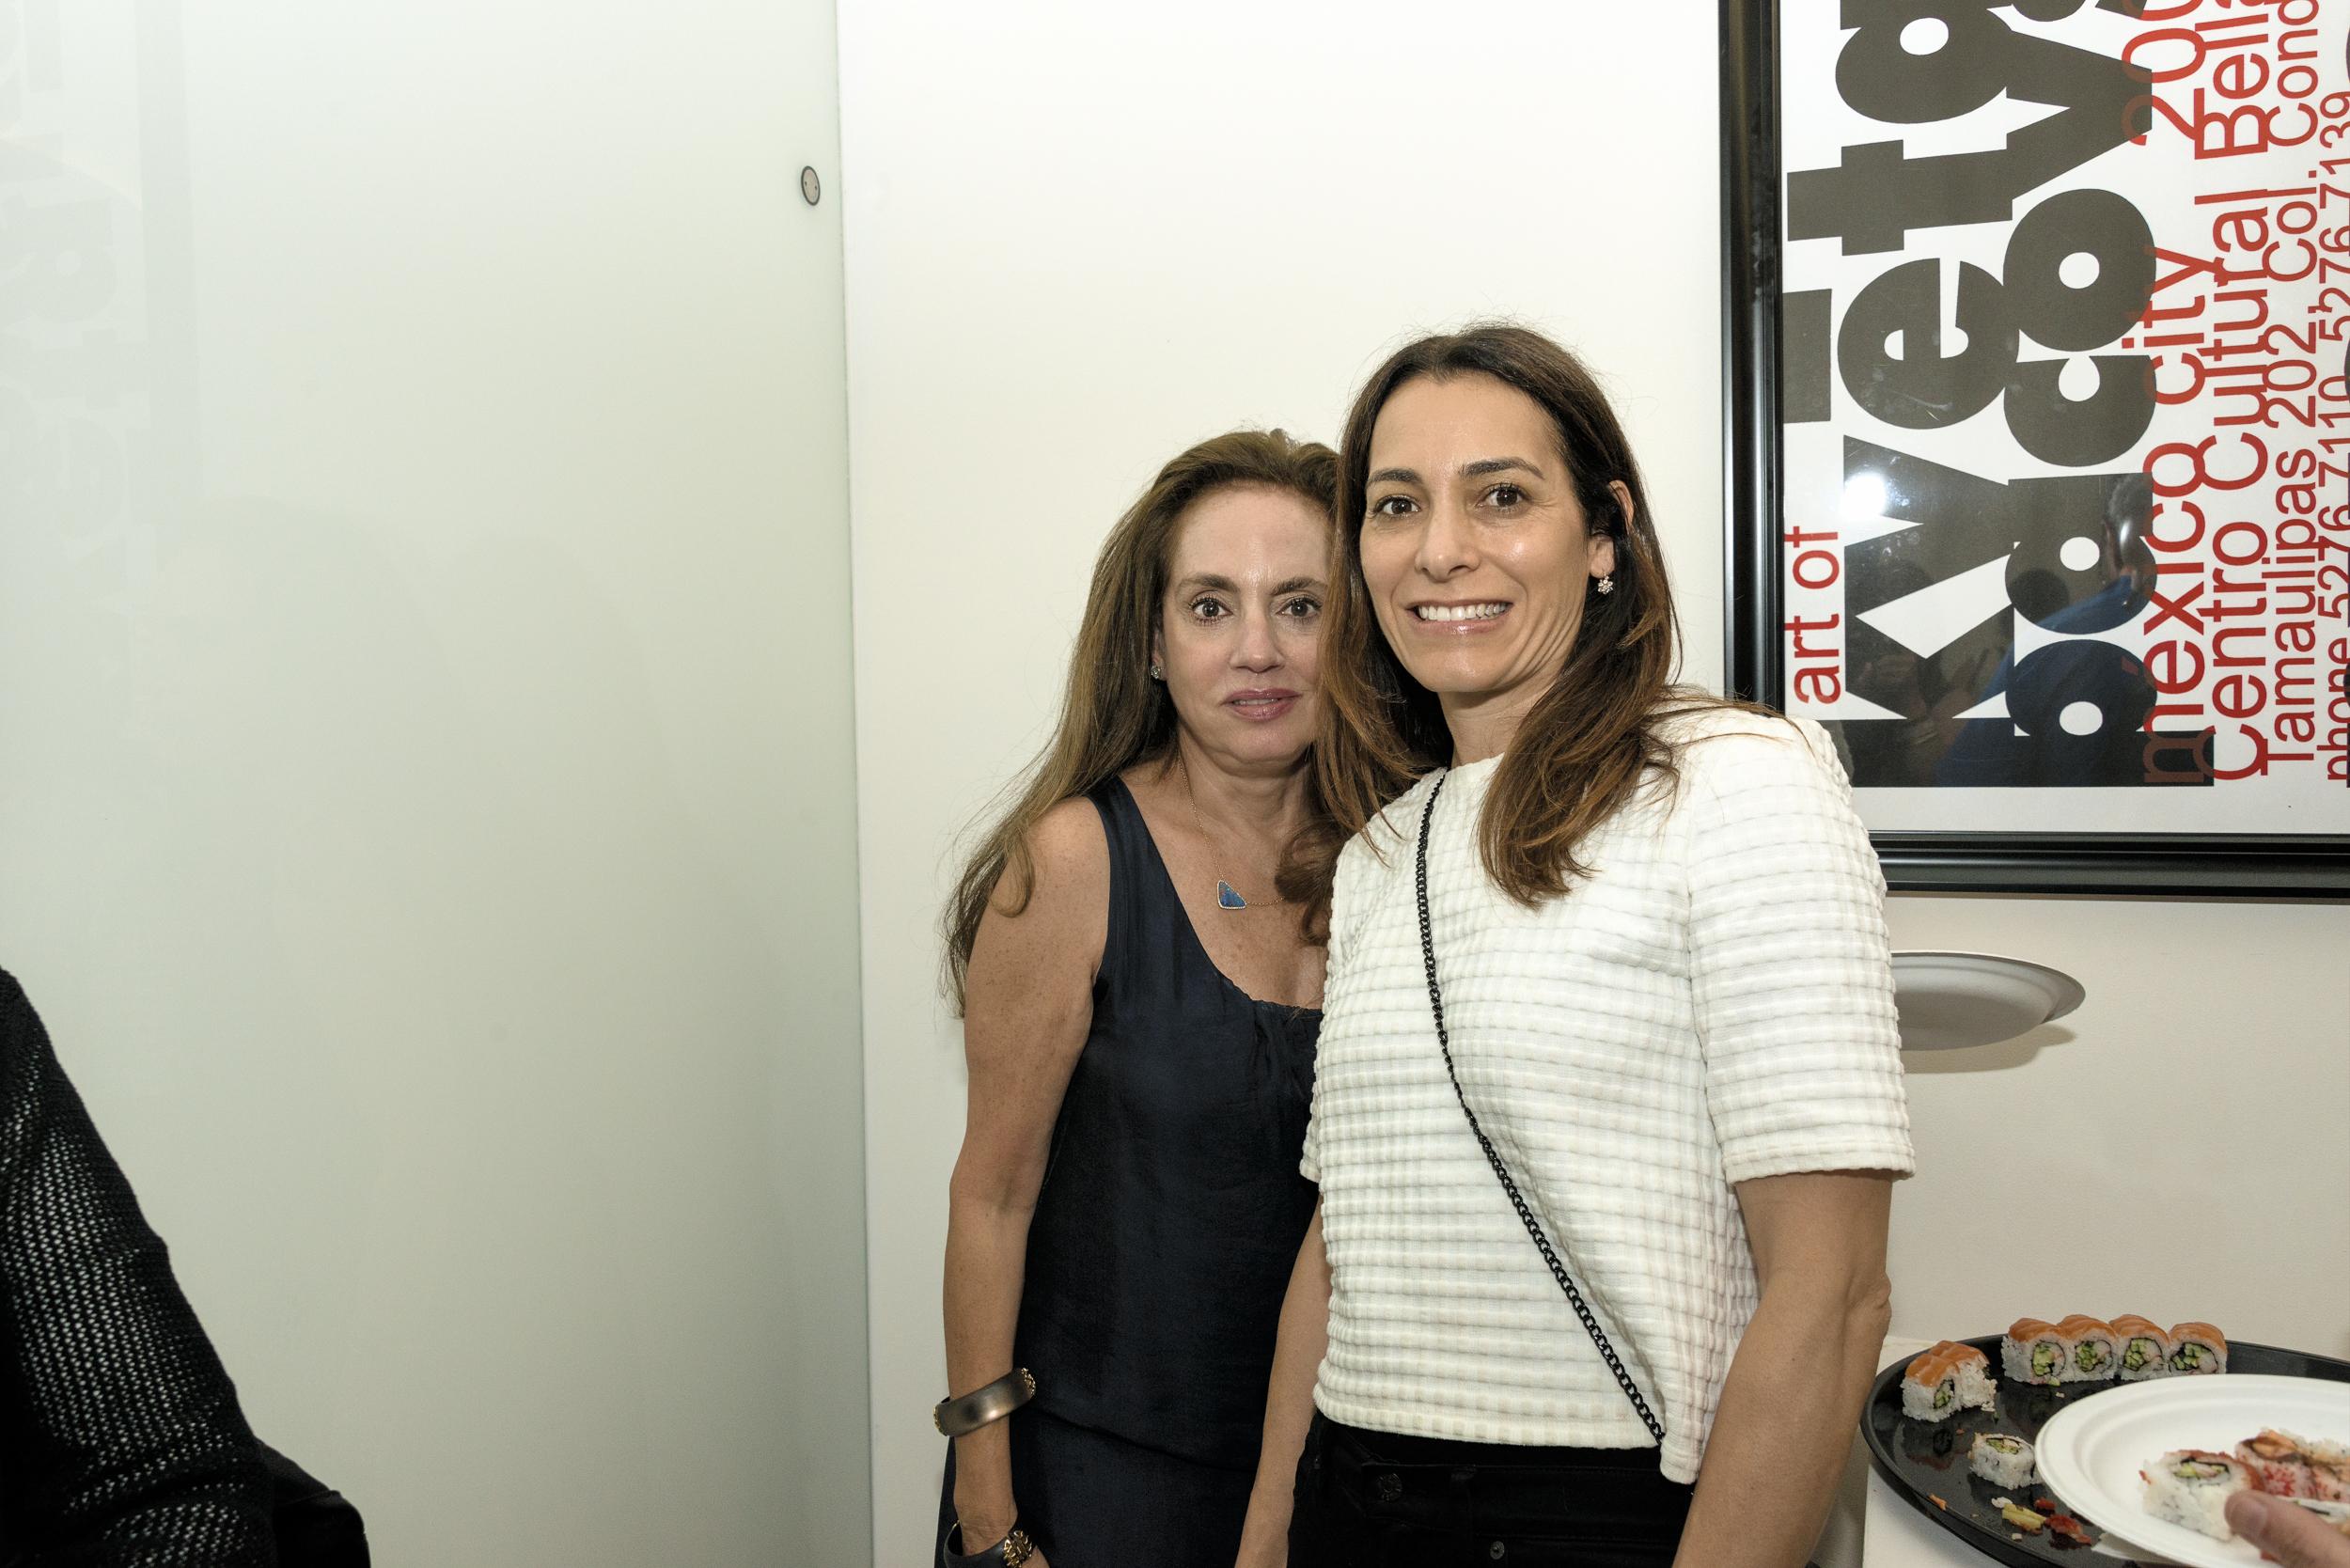 (L-R) Karen Banschick and Stacey Brooks